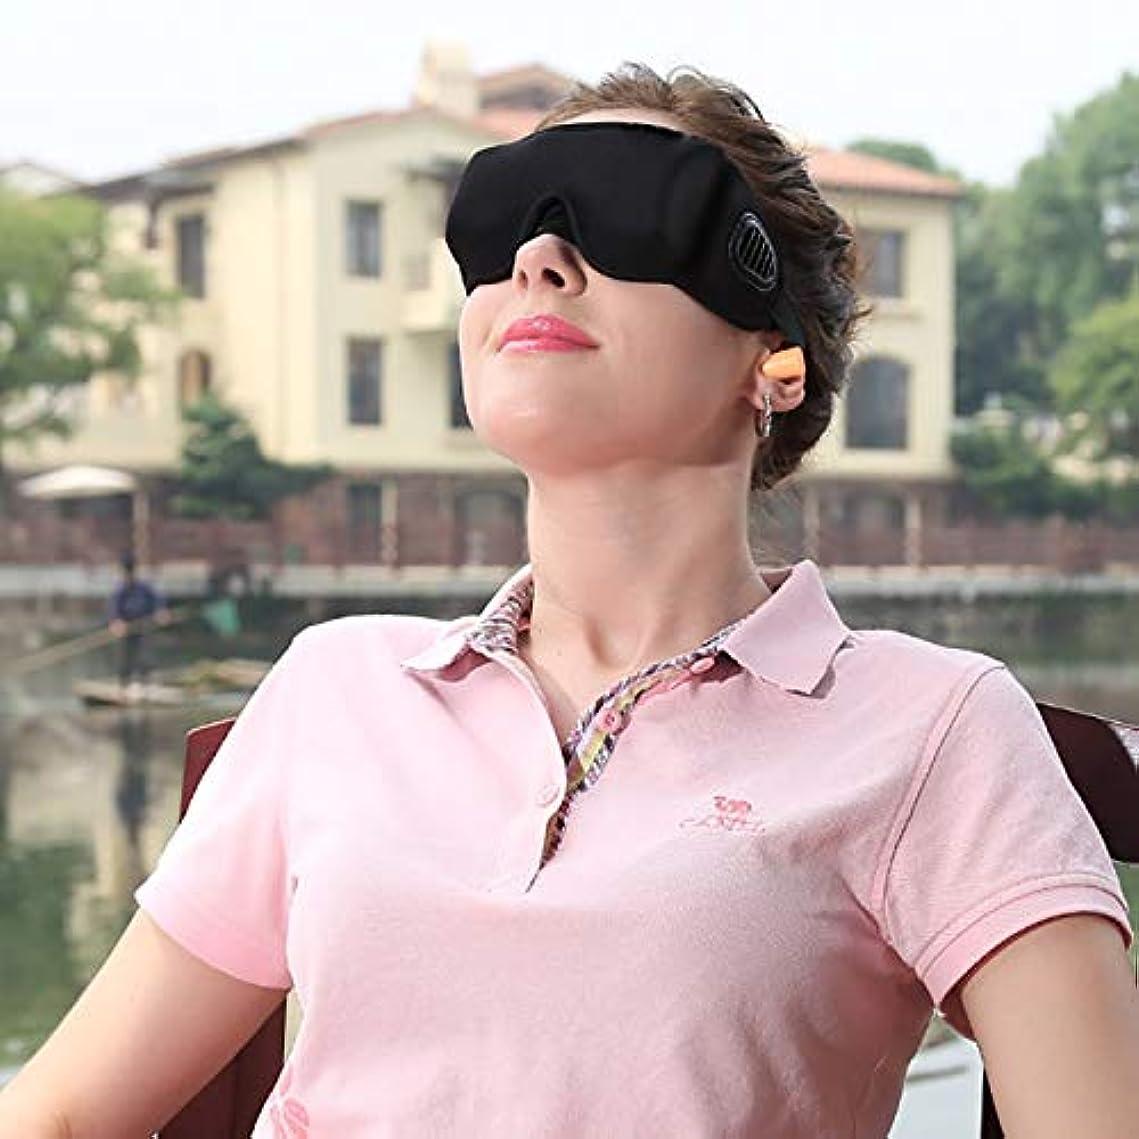 抵当ノイズパンチ注意事項快適な3D EyeShadスリーピングアイマスクカバーアイパッチ目隠しをして、健康を保護します。アイマスクカバーアイパッチ